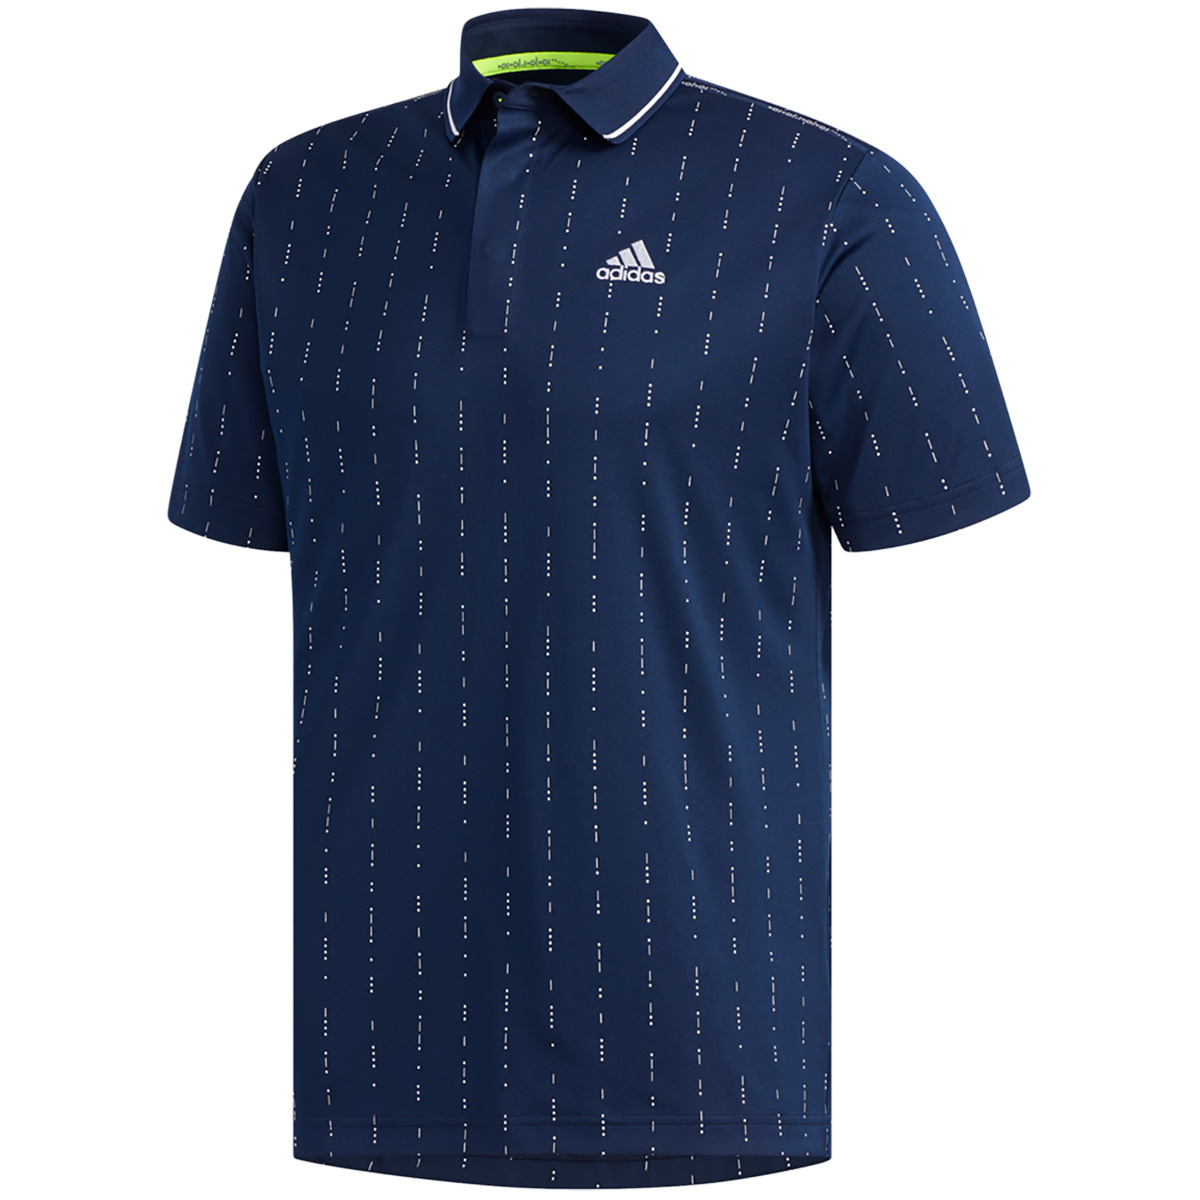 モールスプリント 半袖ポロシャツ